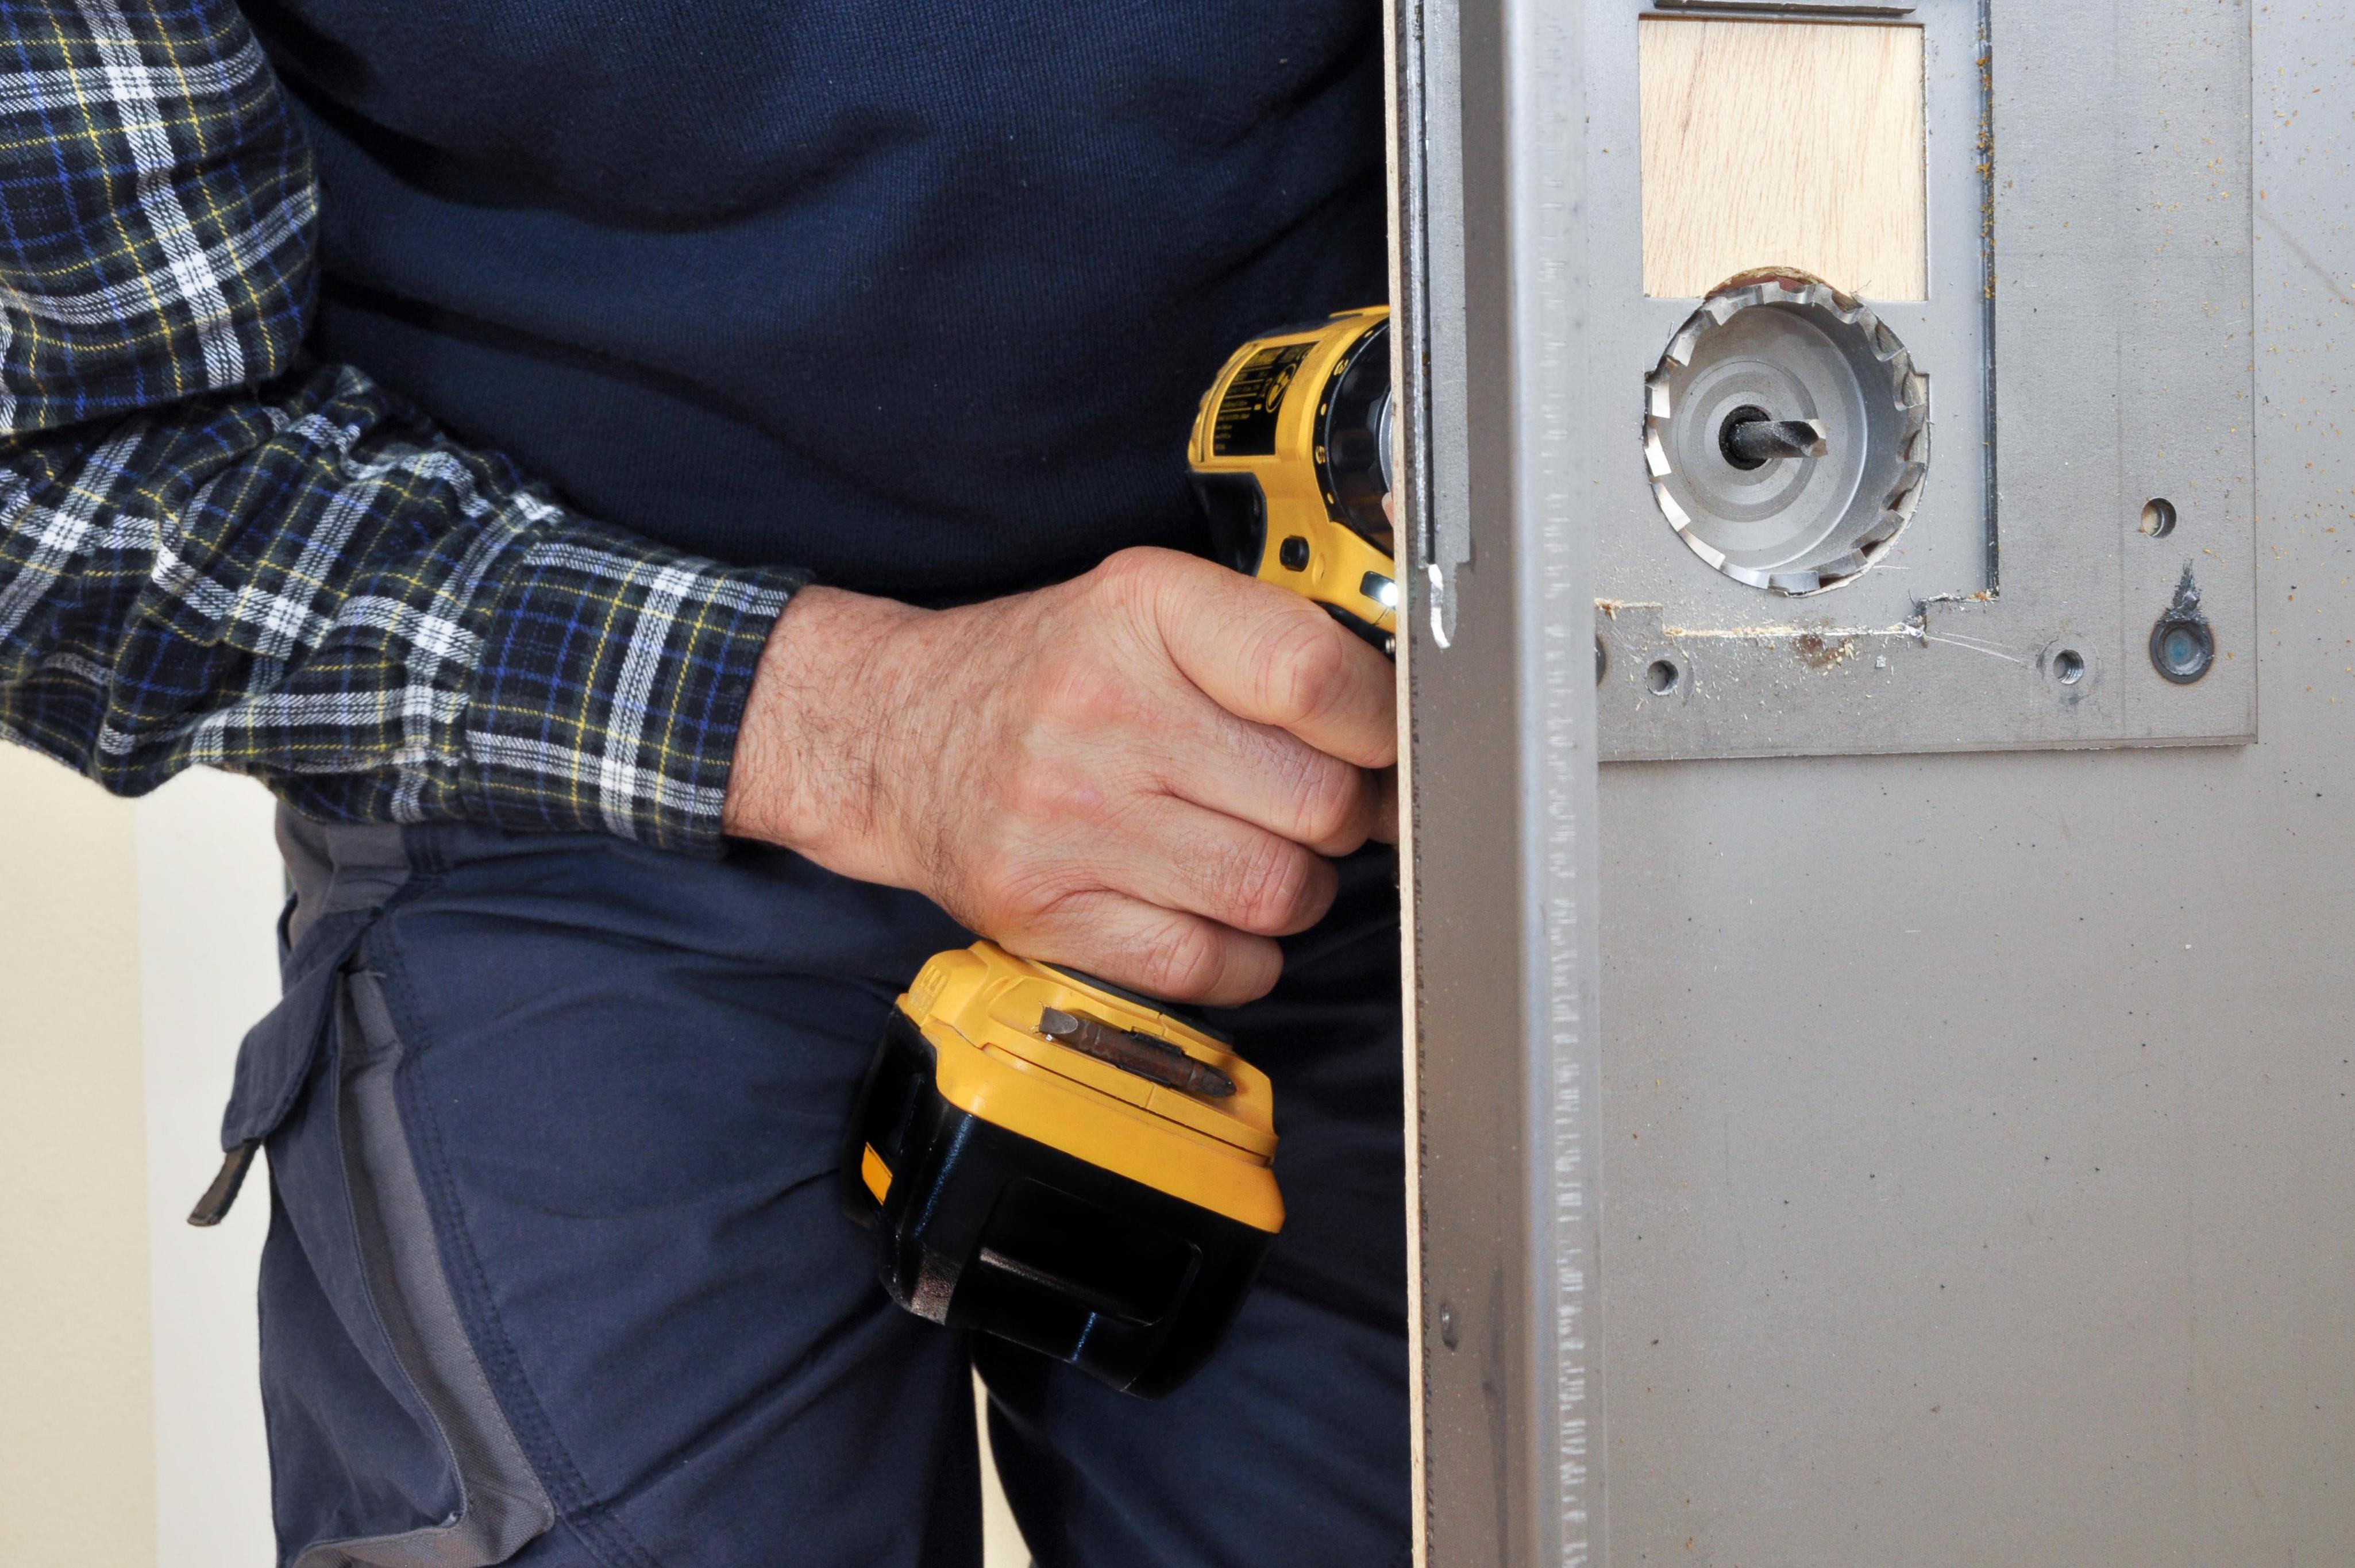 Apertura de cerraduras : Servicios  de Cerrajería Jiménez